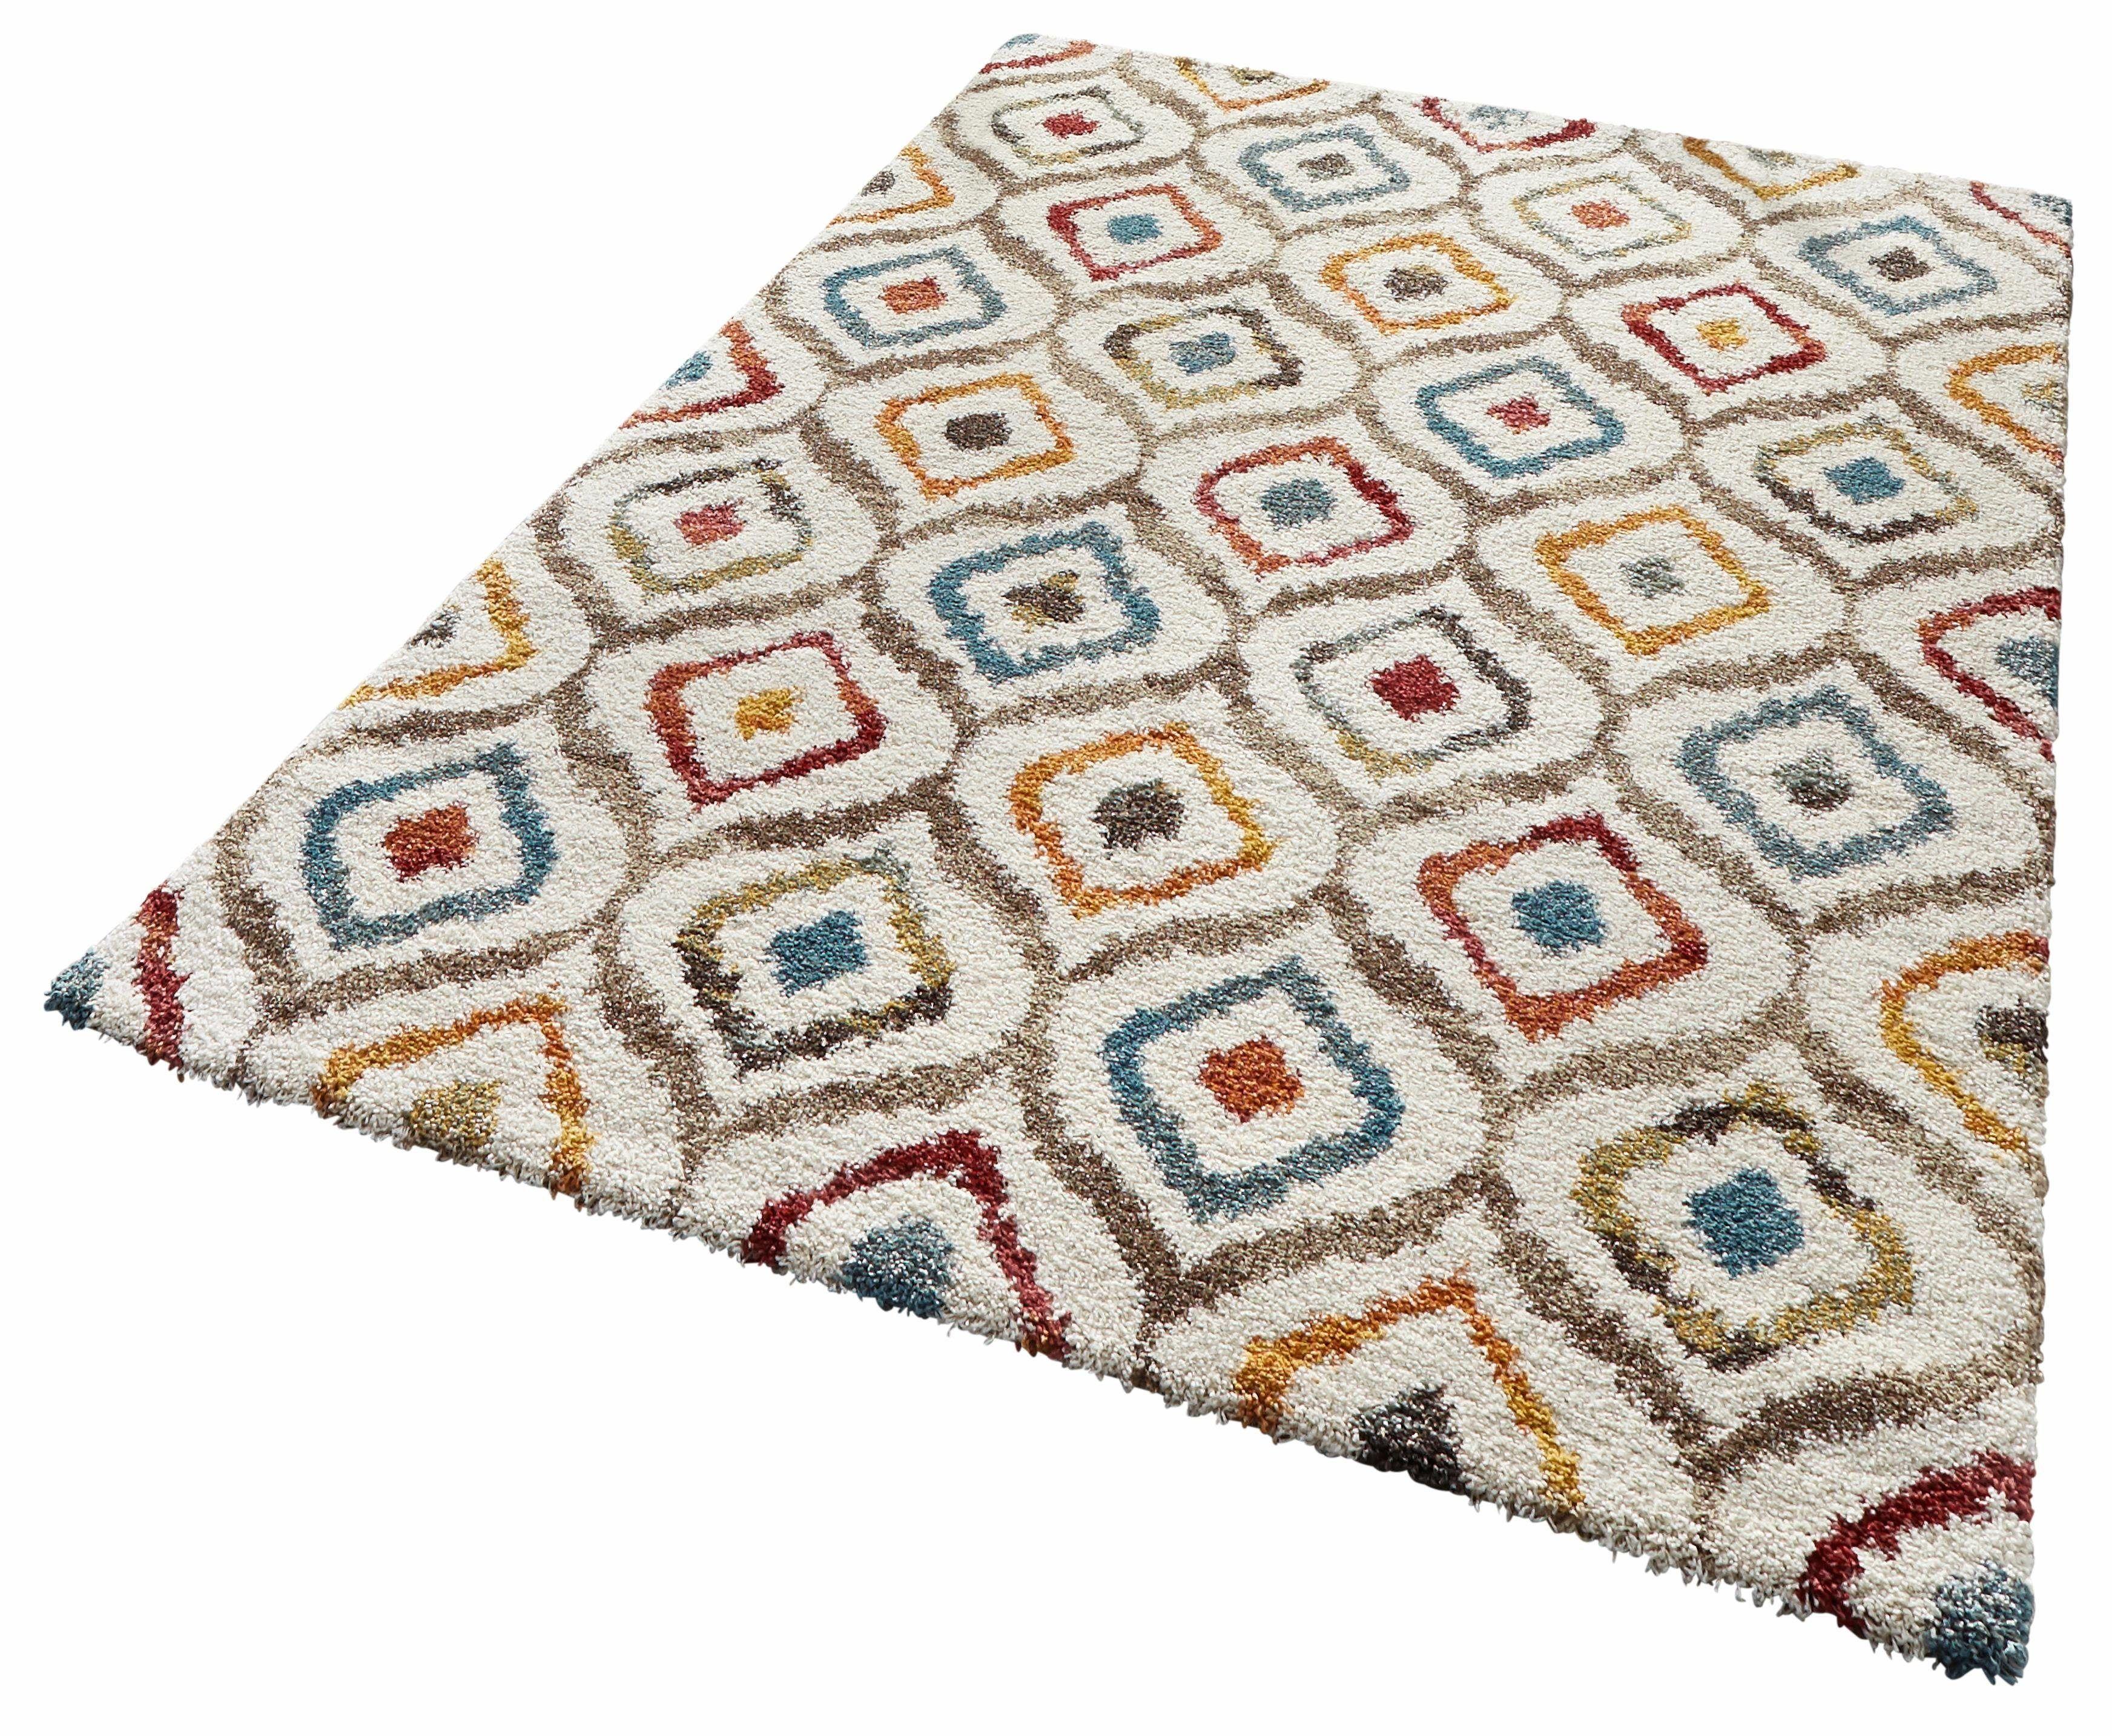 Hochflor Teppich Beige B L 200x290cm 25mm New Age Fußbodenheizungsgeeignet Strapazierfähig Mint Rugs Jetzt Bestelle Teppich Lila Teppich Teppich Beige